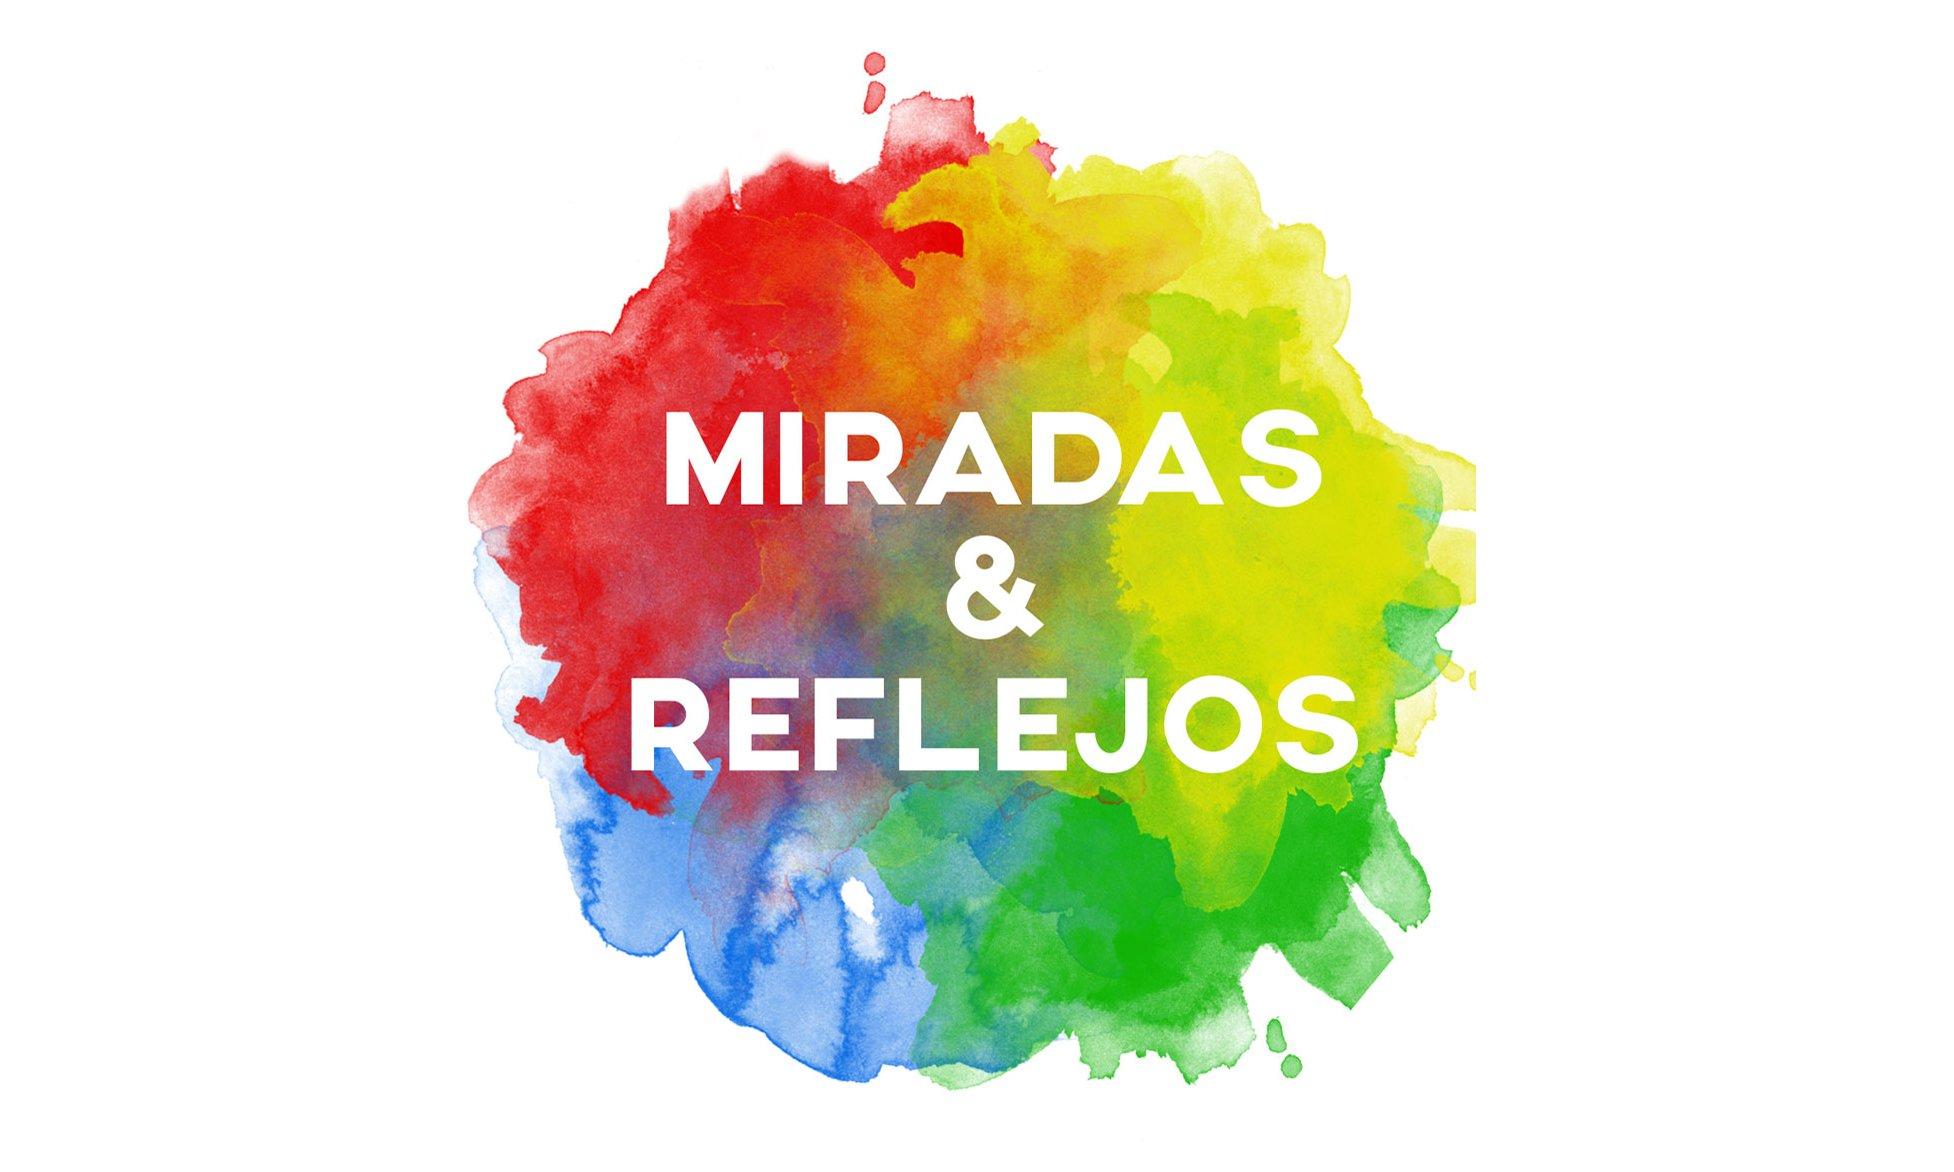 Andalucía acoge pone en marcha el concurso de fotografía y diseño 'Miradas & Reflejos'